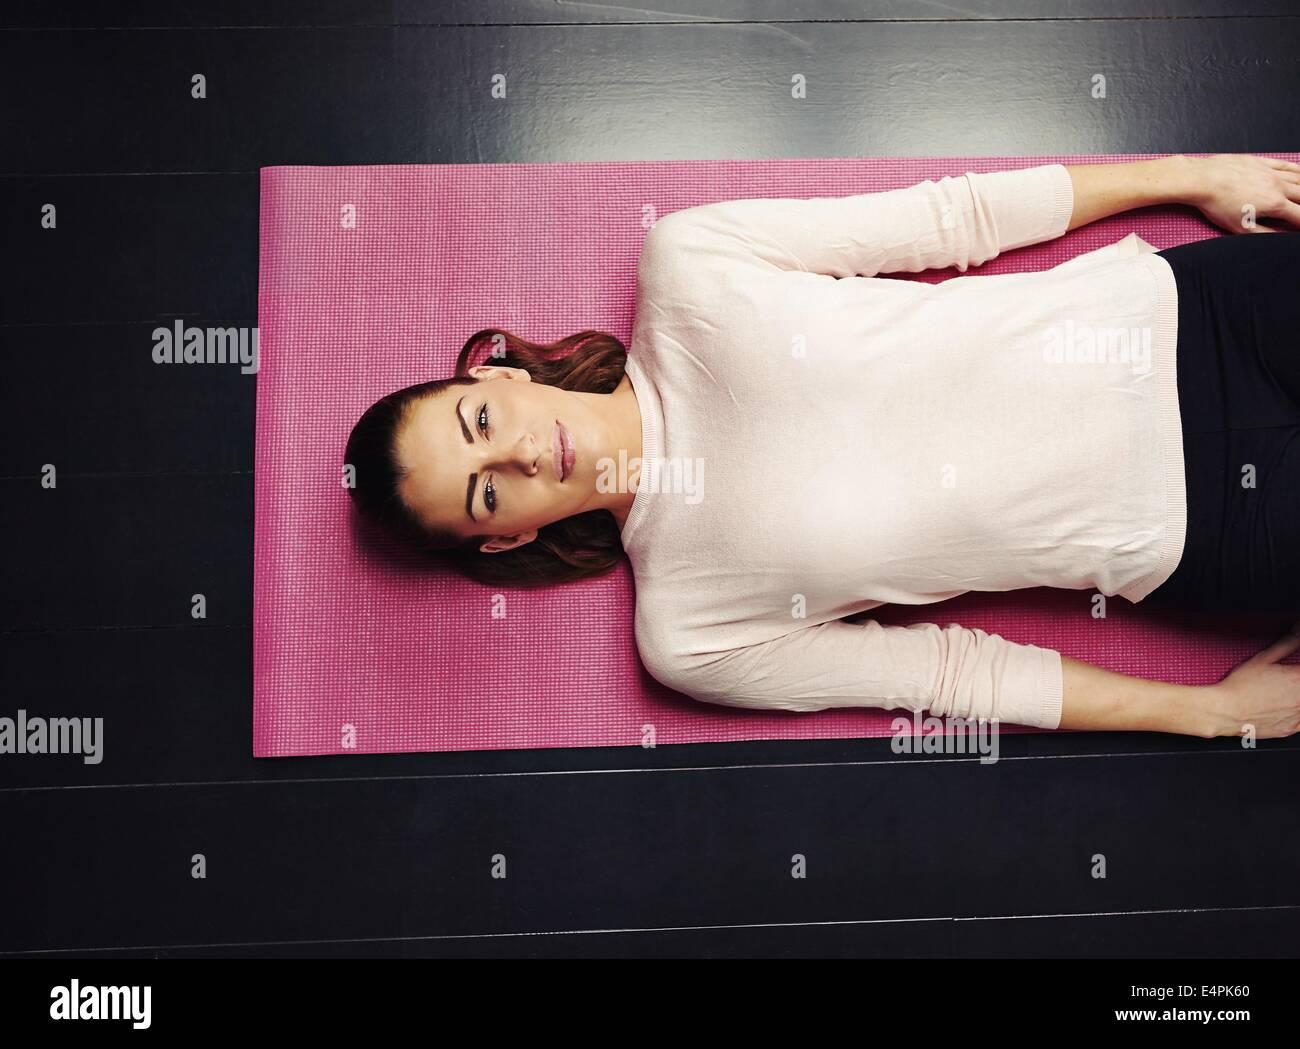 Vista superiore della giovane e bella donna sdraiata sul materassino yoga dopo allenamento. Montare rilassante femmina Immagini Stock